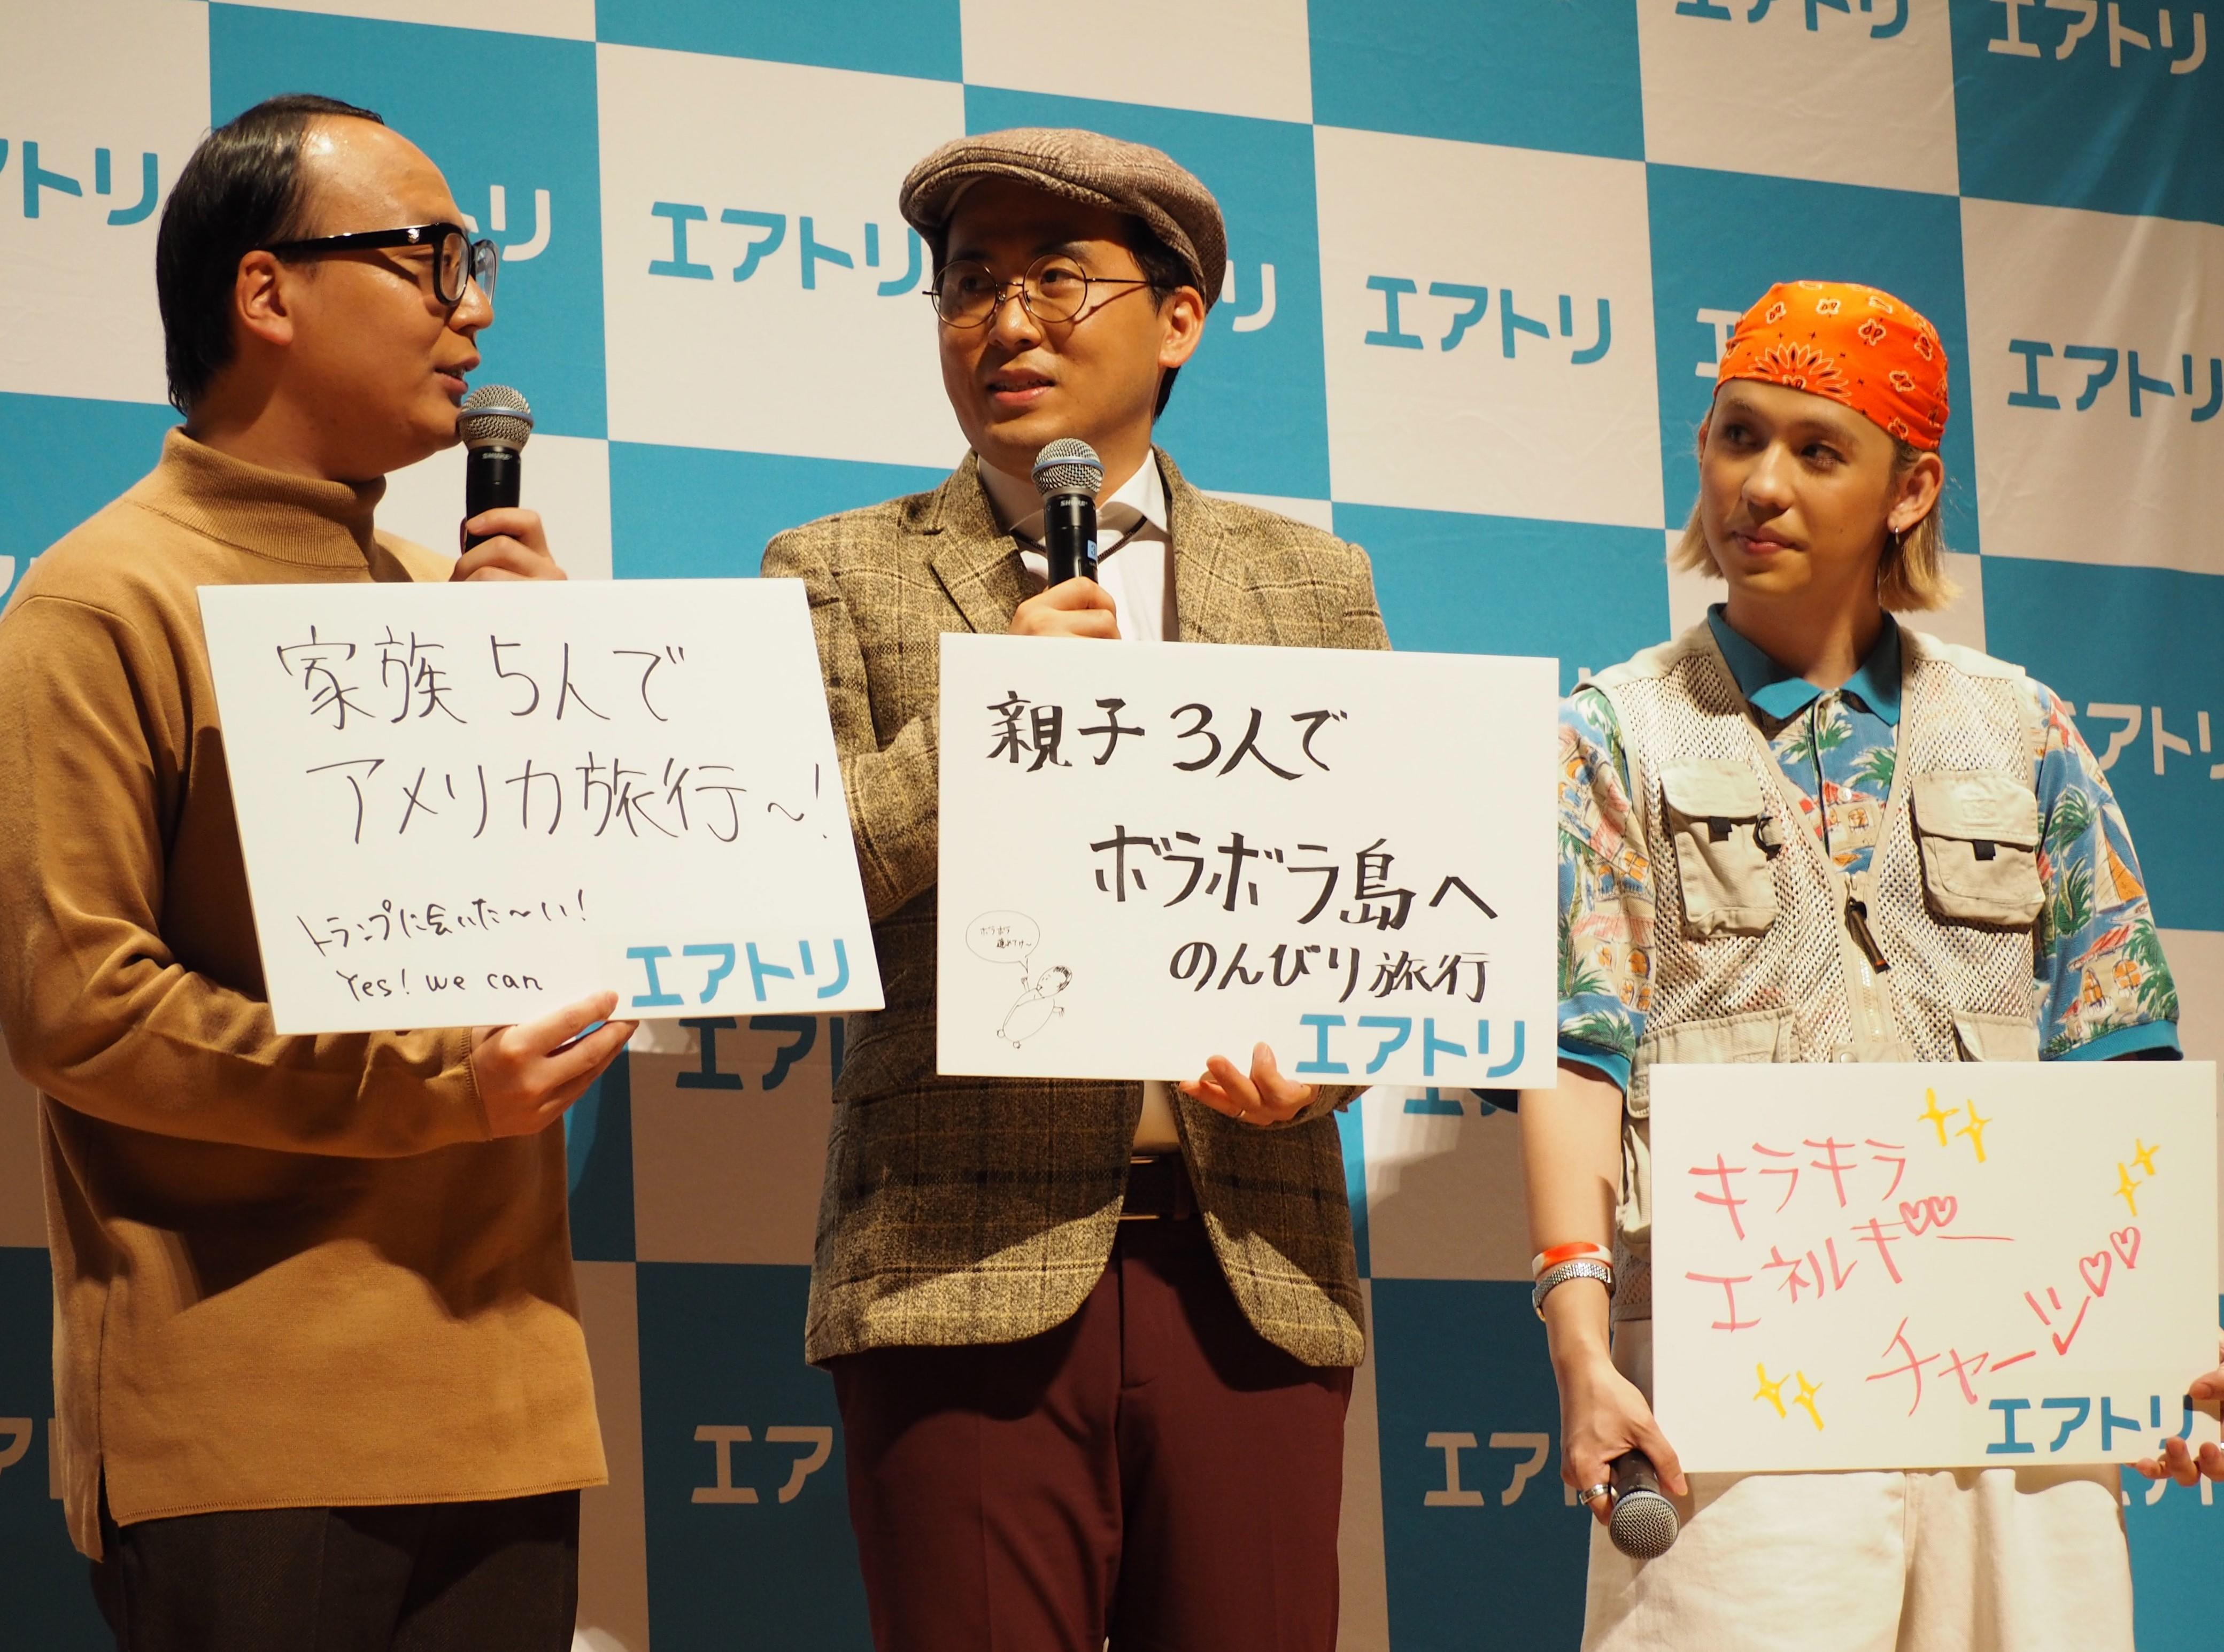 http://news.yoshimoto.co.jp/20180614071544-ac560191ff82a405acc714342765eb99fb035dd0.jpg